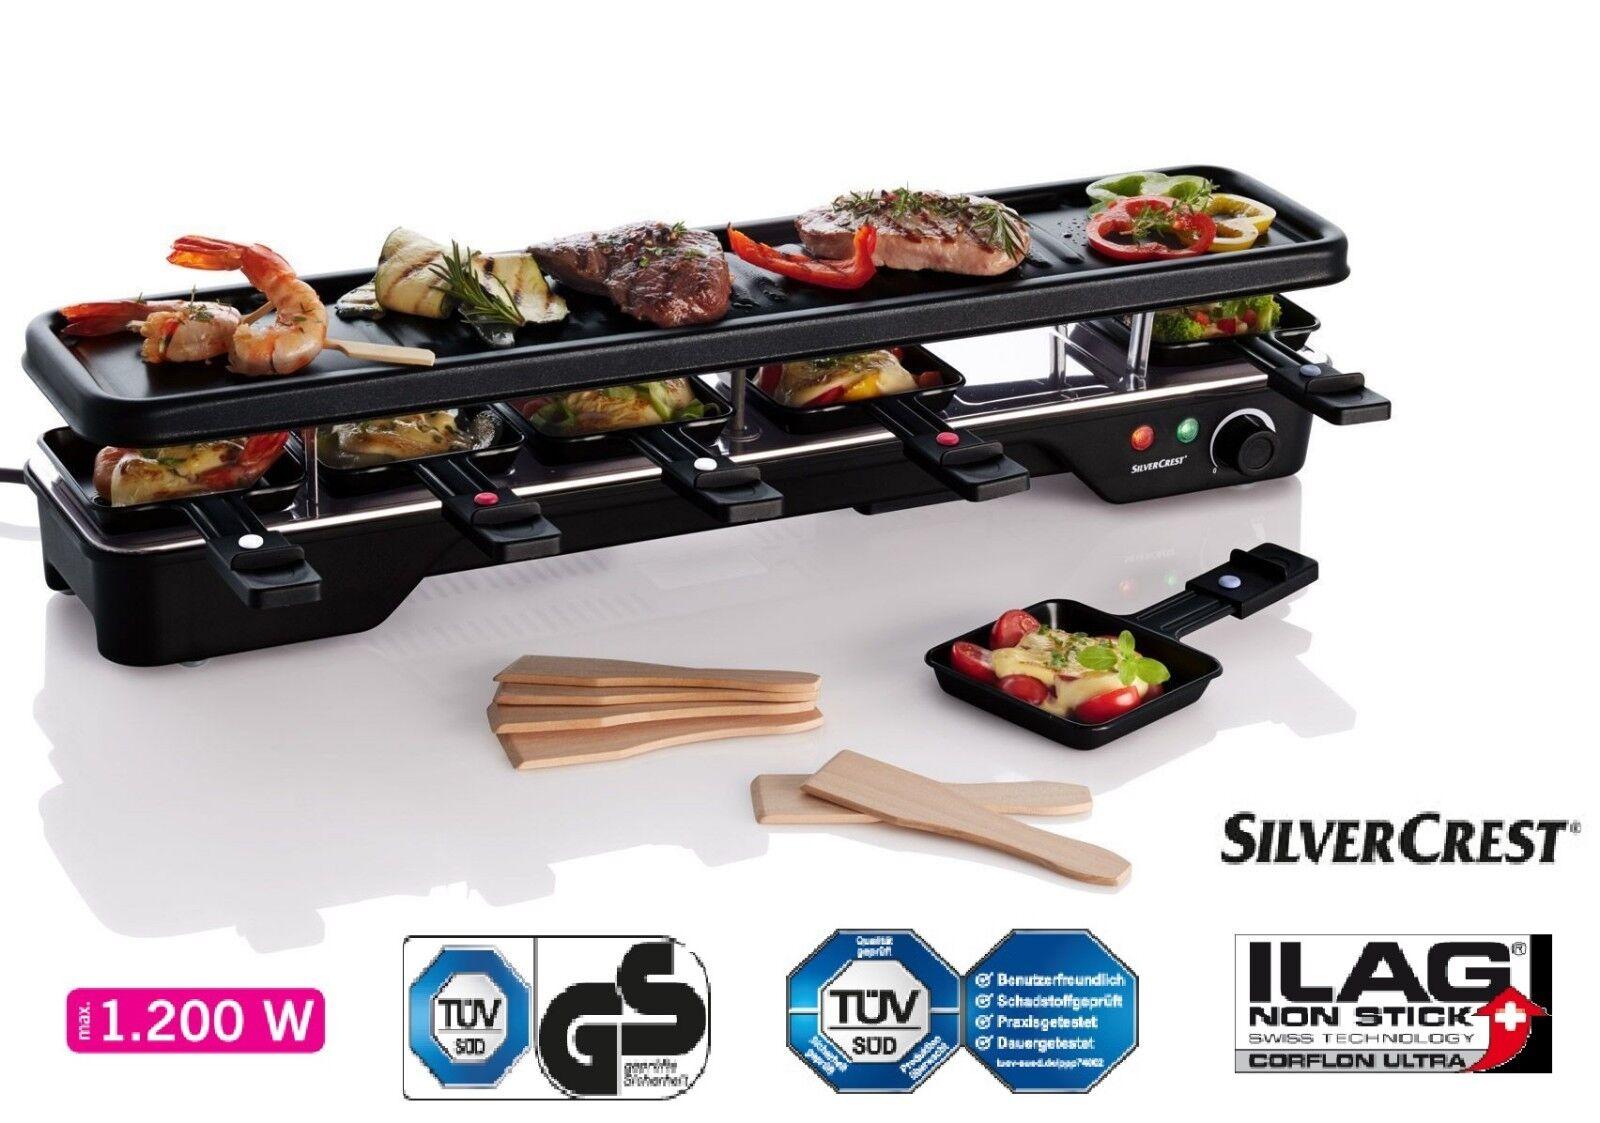 SILVERCREST Raclette Grill 6 Personen Tischgrill Grill-platte 1200 Watt Neu OVP